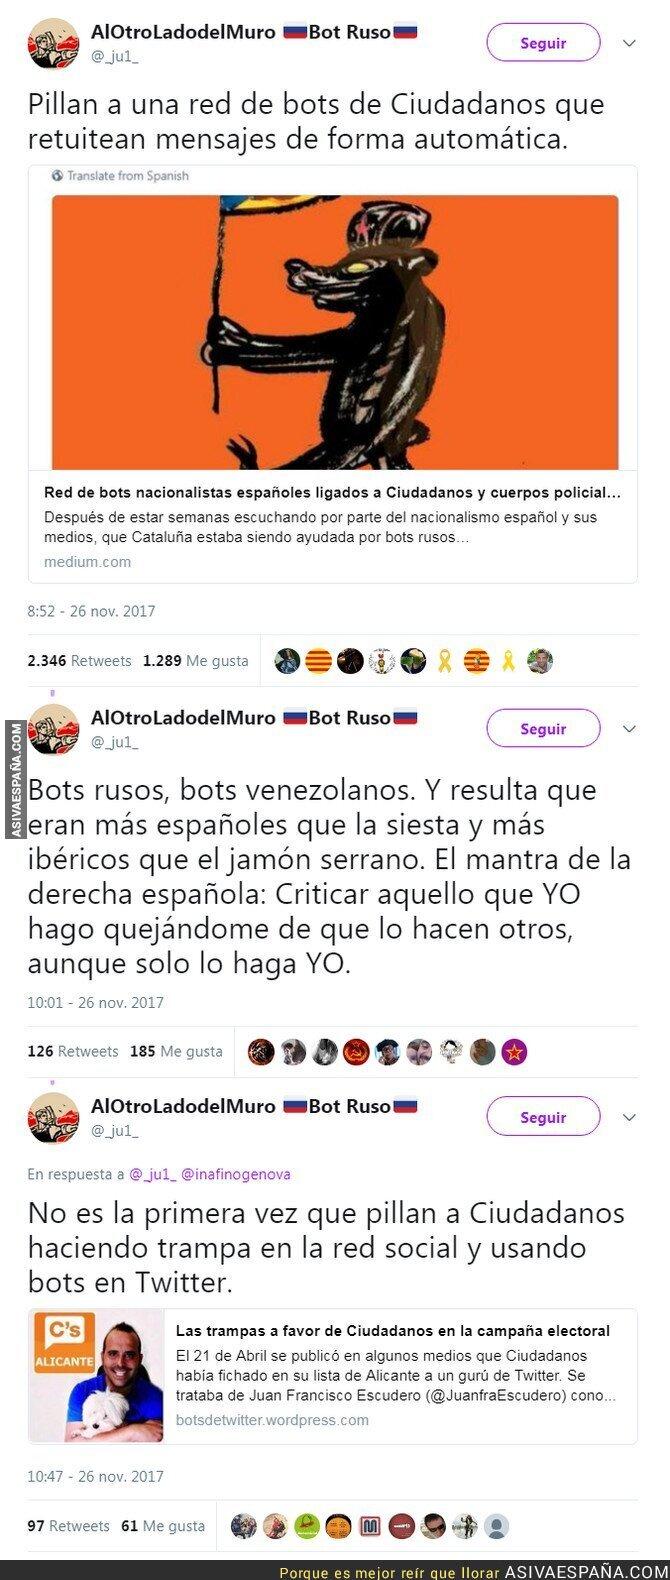 79346 - Destapan una red de bots de Ciudadanos